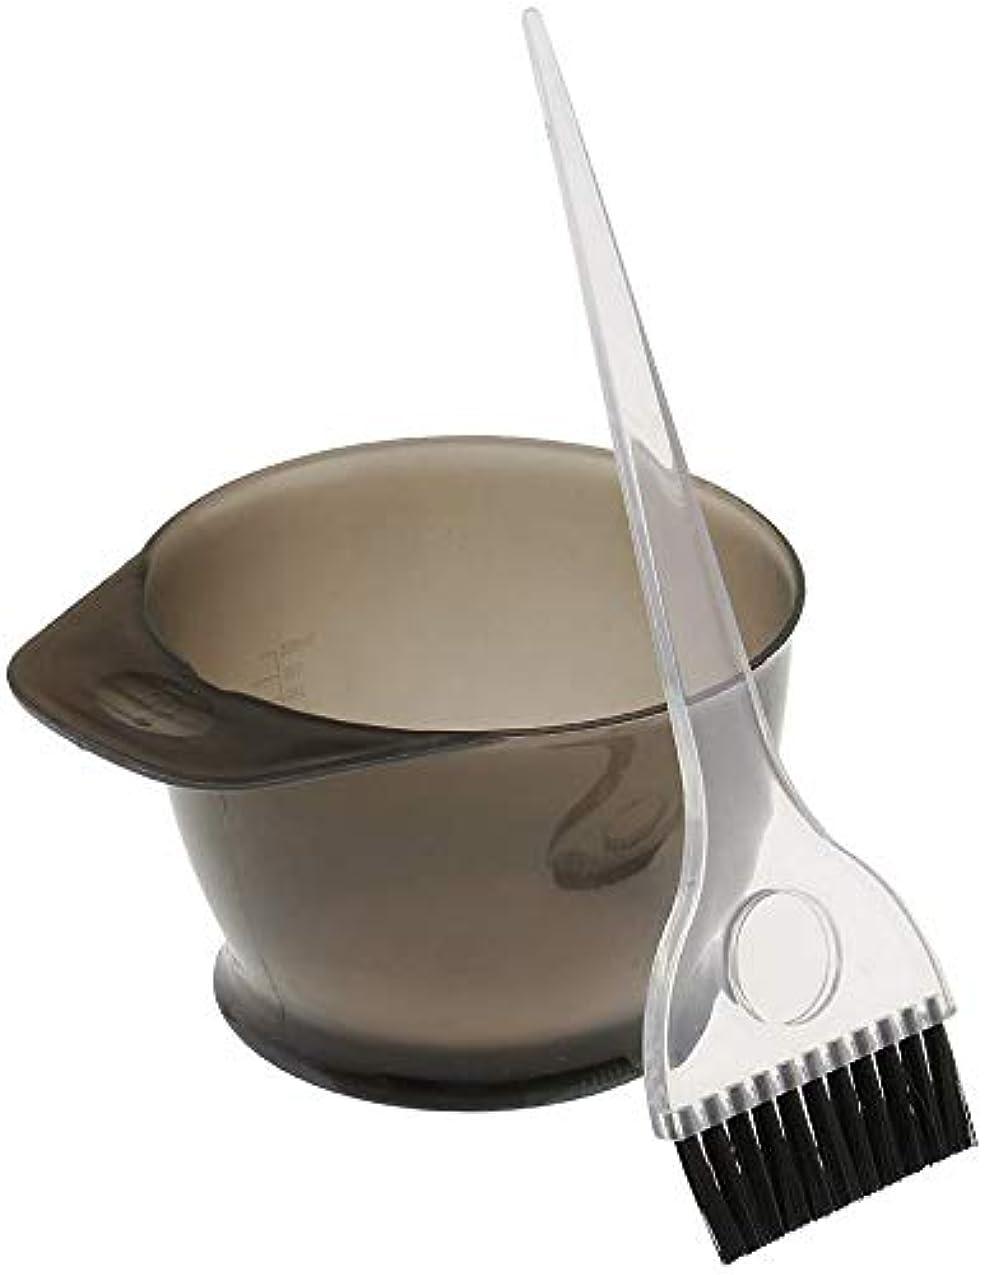 程度コスト類人猿ヘアカラーリング 染色ボウル くしブラシ 色合いツール セットする に適う サロン理髪 ホーム 個人的な使用 (グレー)